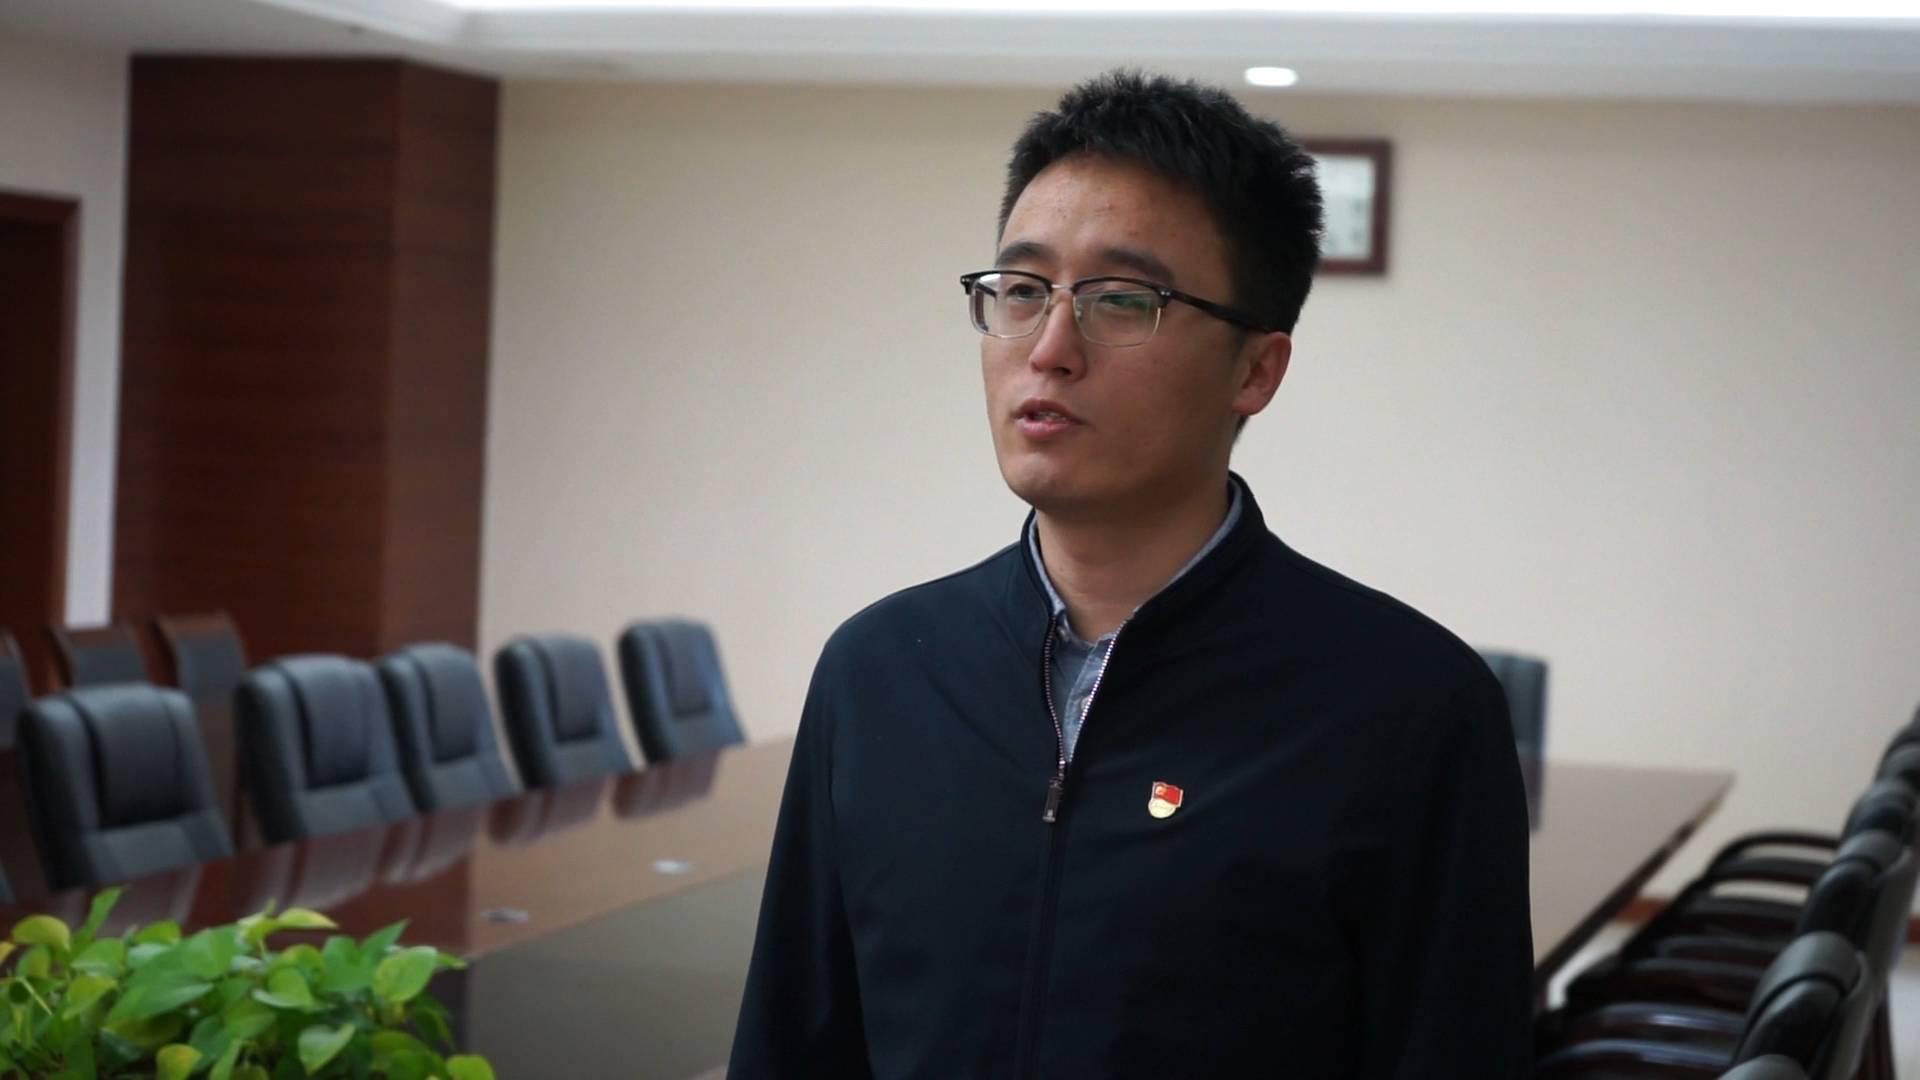 东营纪检监察干部李建林谈为基层减负:打赢纠治形式主义、官僚主义攻坚战